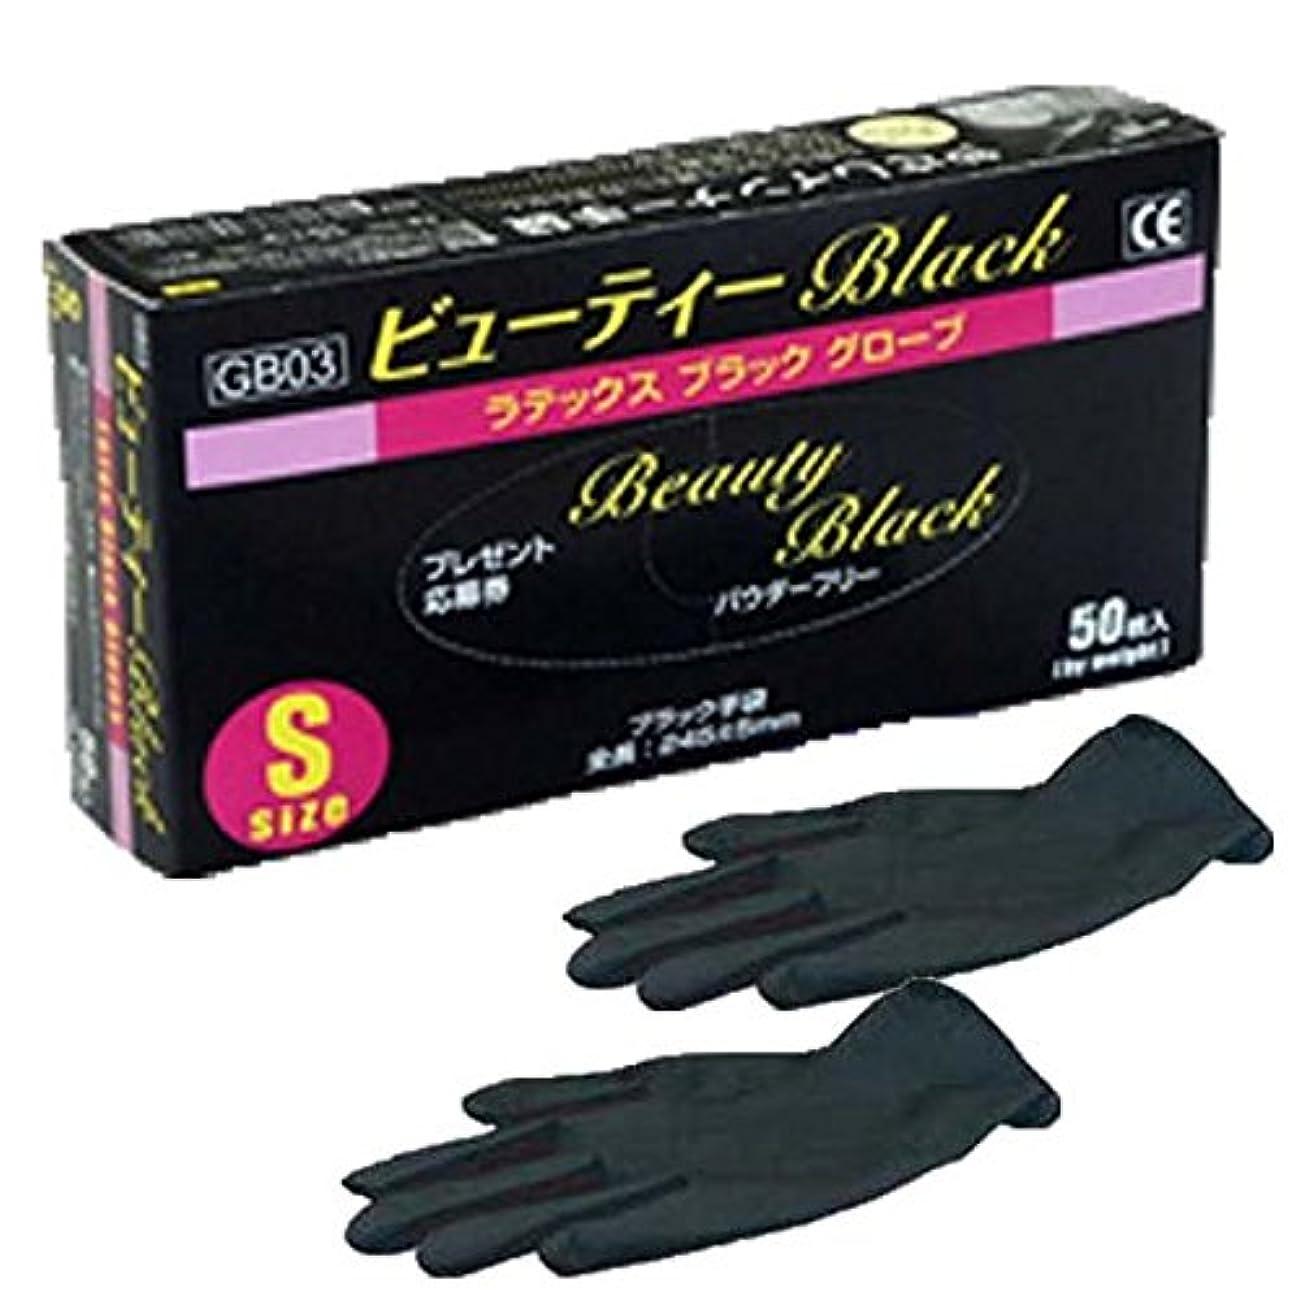 始める代わりにを立てるコンドームビューティー BLACK ラテックス ブラック グローブ Sサイズ(6.5~7吋) 50枚入り